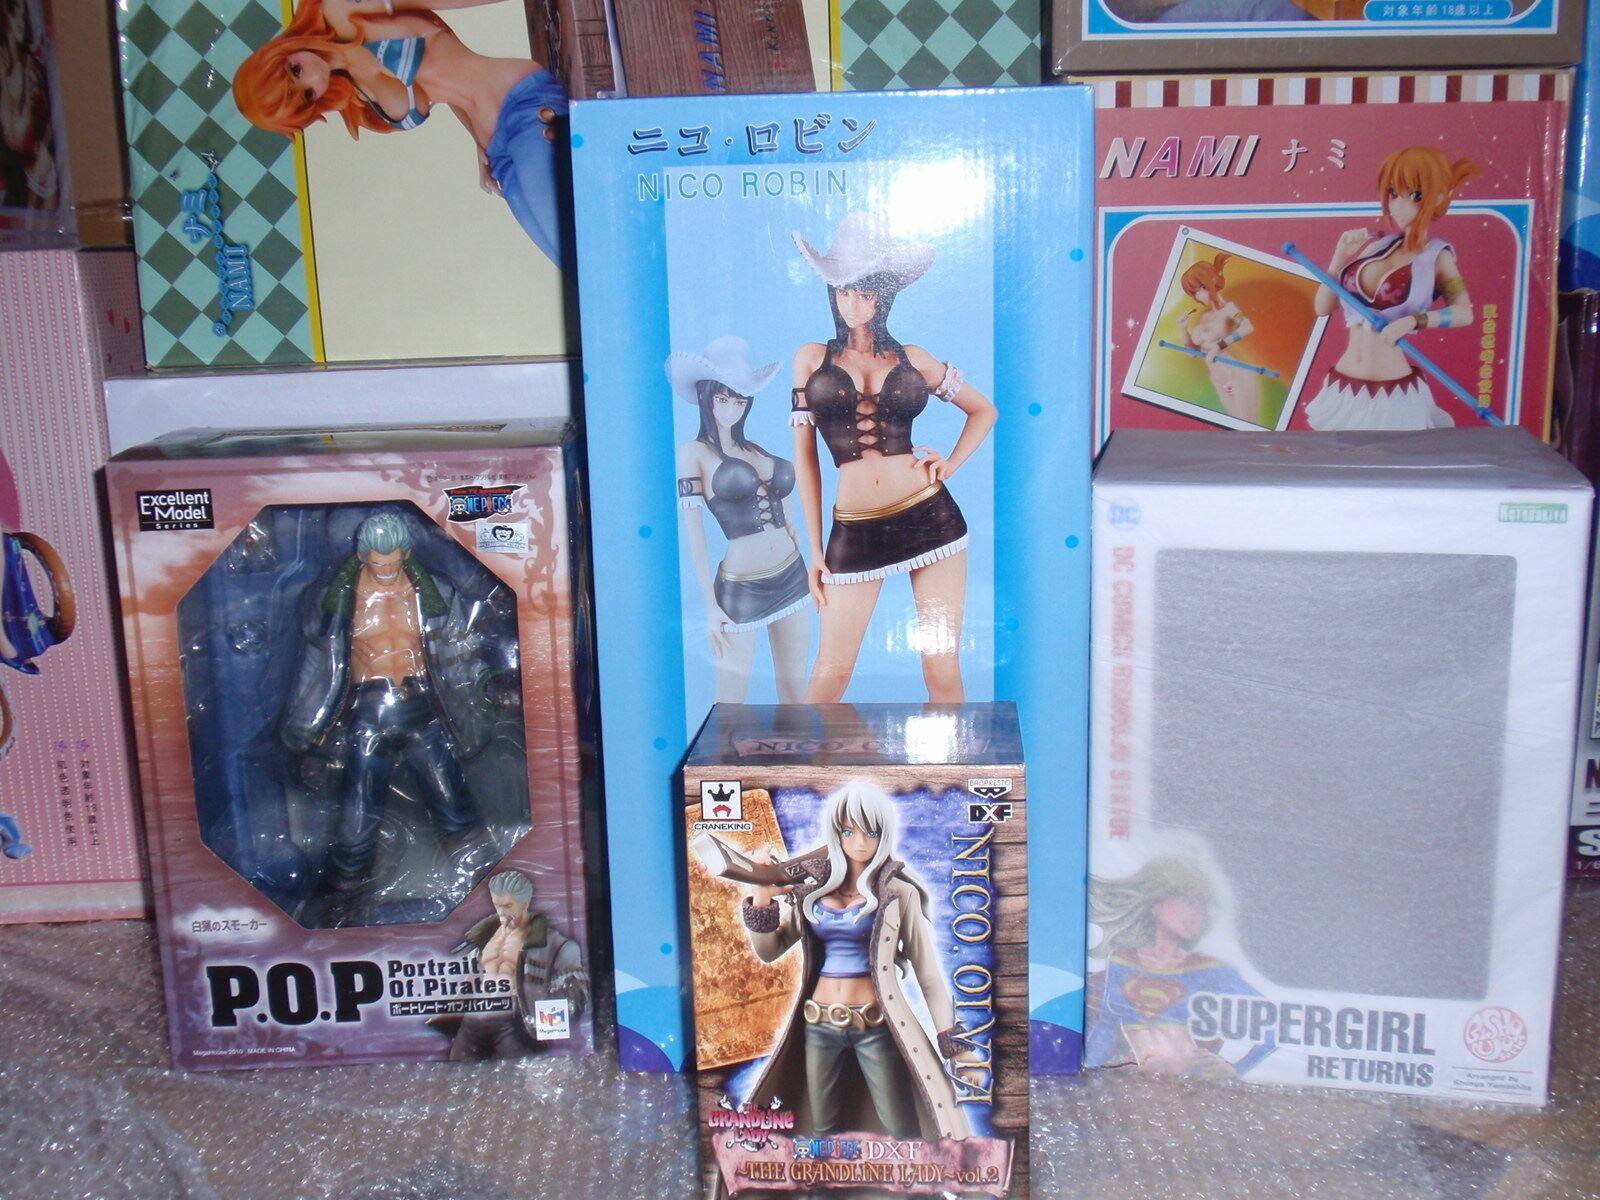 Avoir une maison, avoir de de de l'amour, as-tu One Piece Nami Custom GK resin figure Bishoujo POP 9cdd59